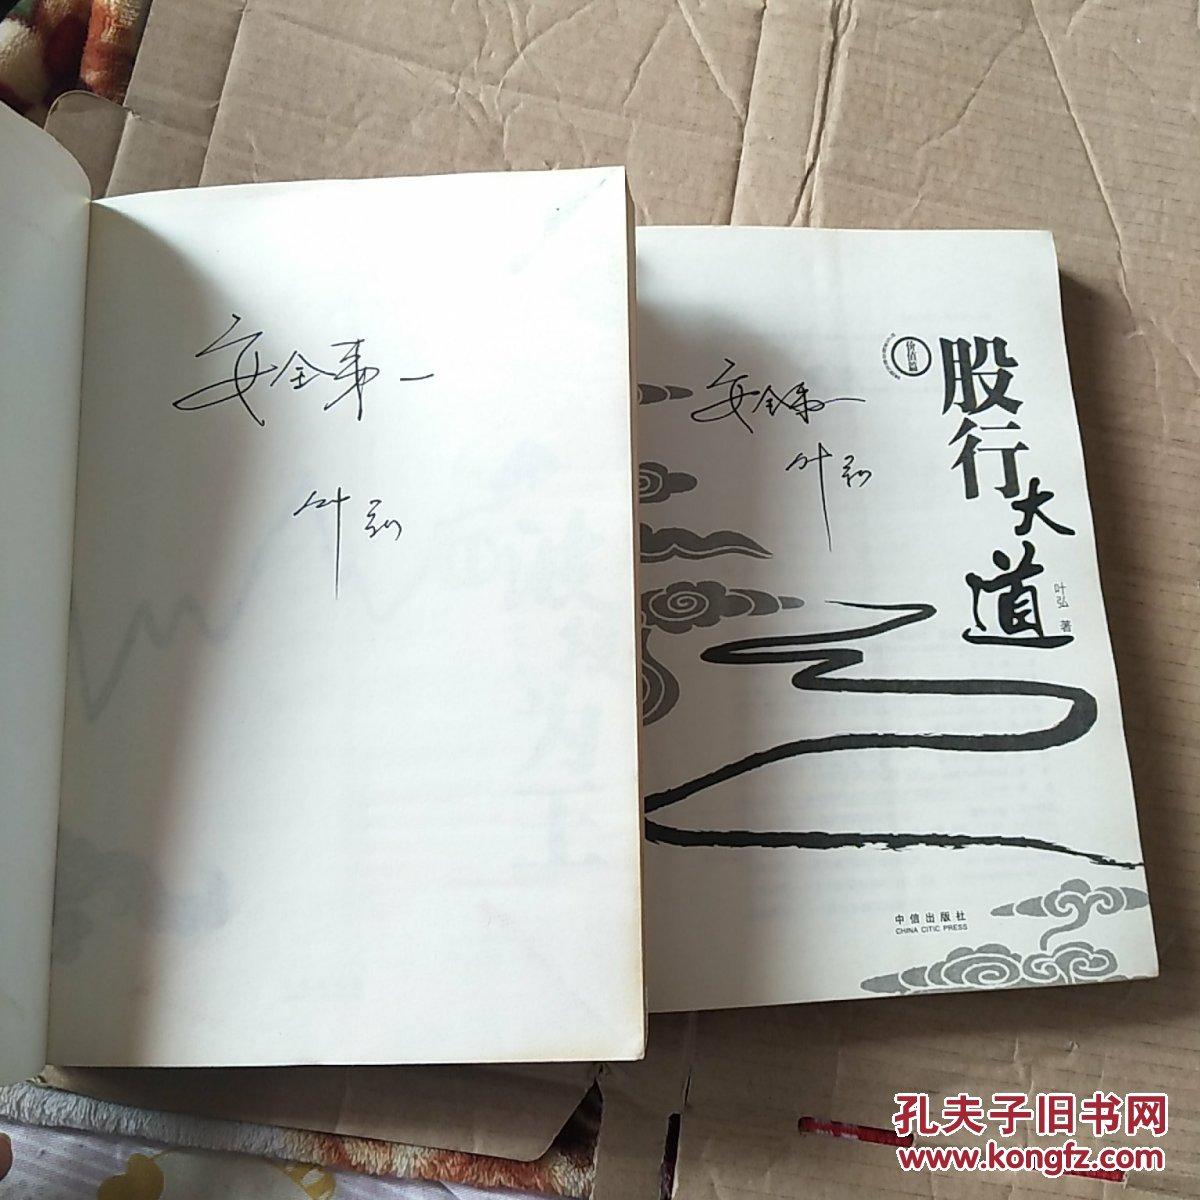 波段为王 股行大道_叶弘_孔夫子旧书网图片